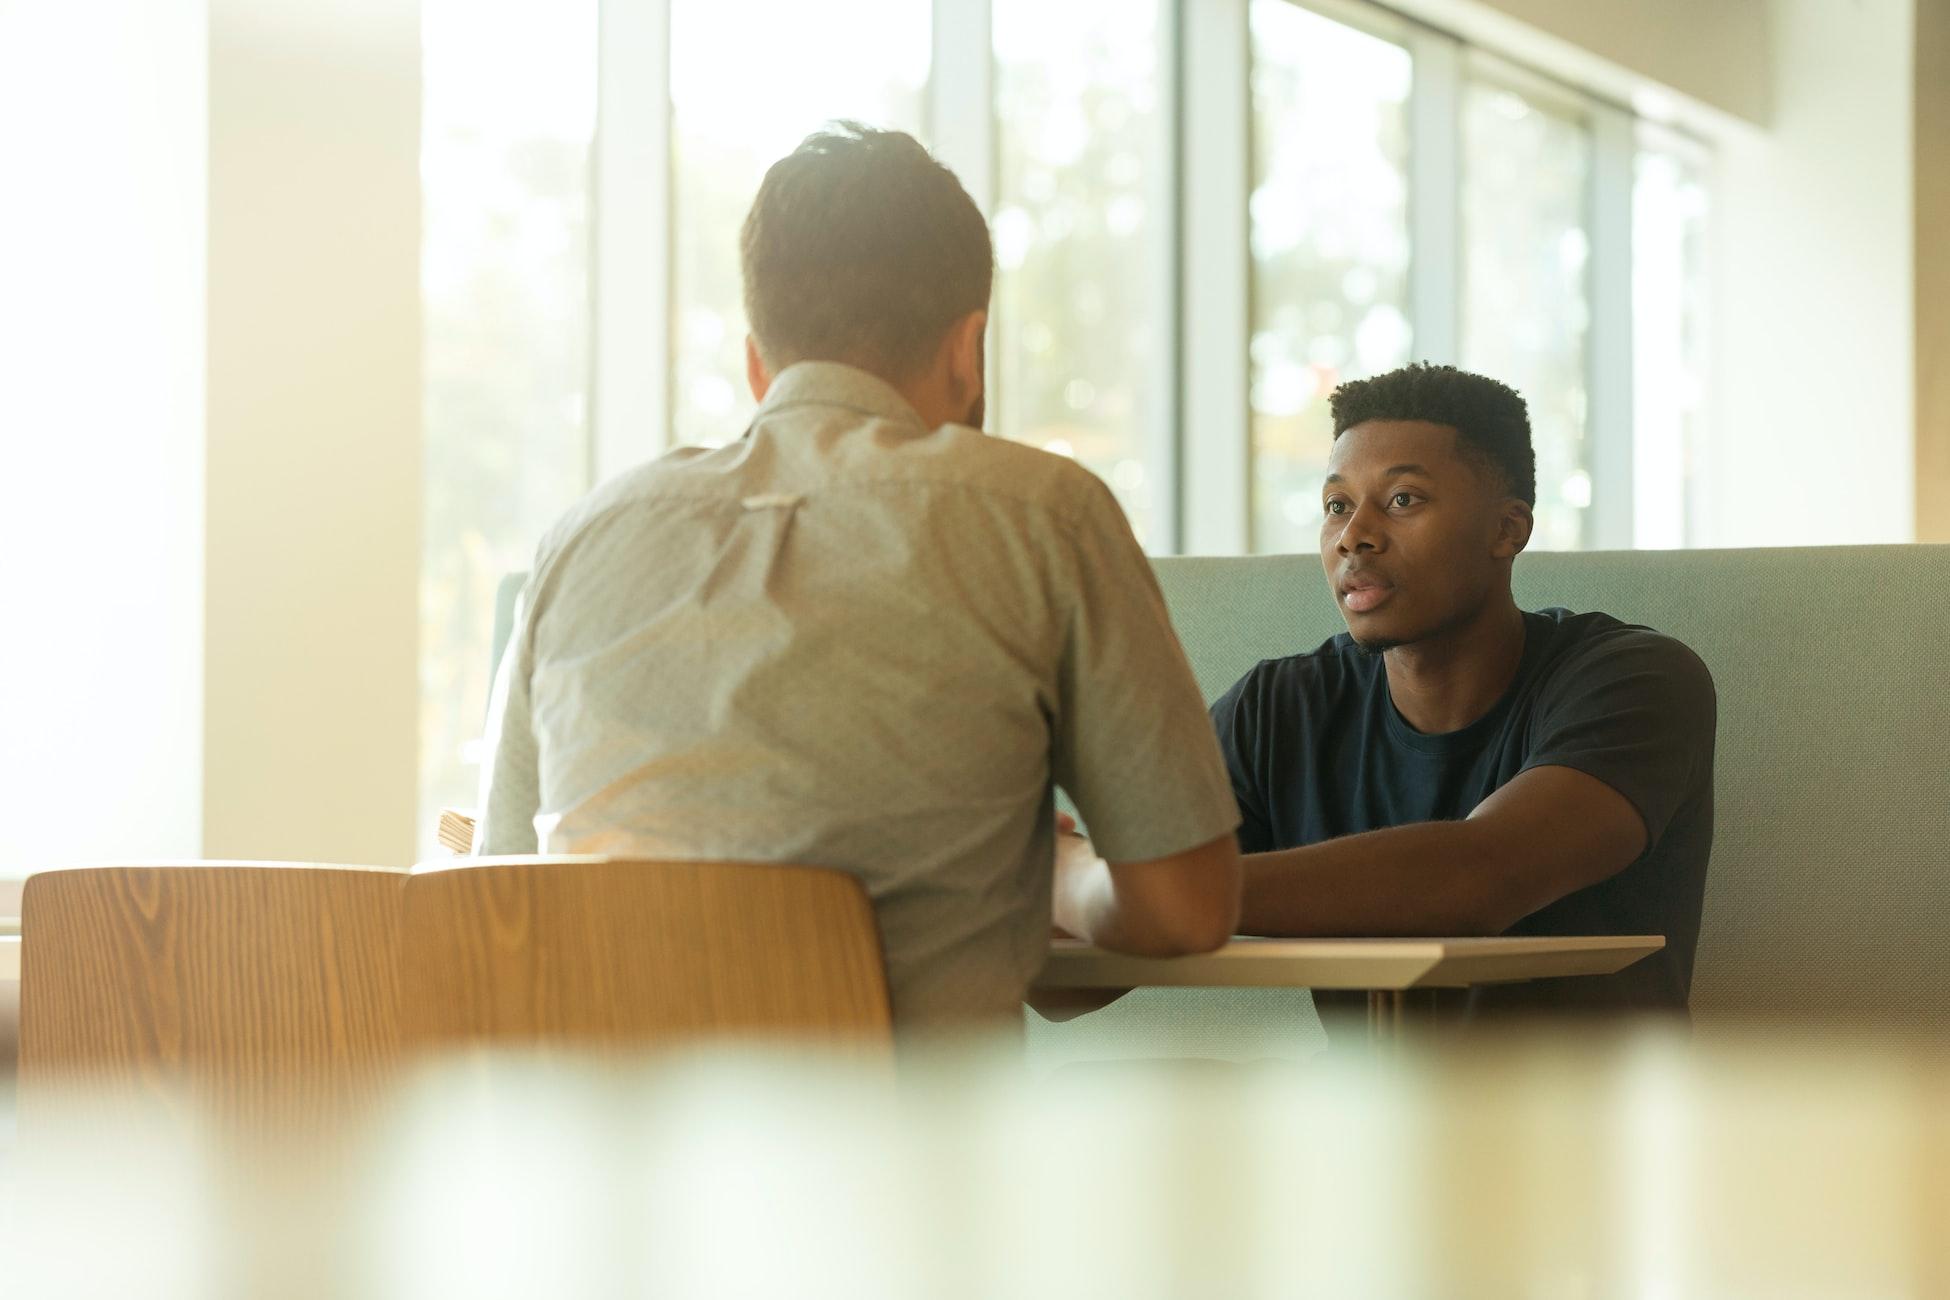 受験期に口を挟んでくるうざい親への対処法は友達に親へのストレスを打ち明けること